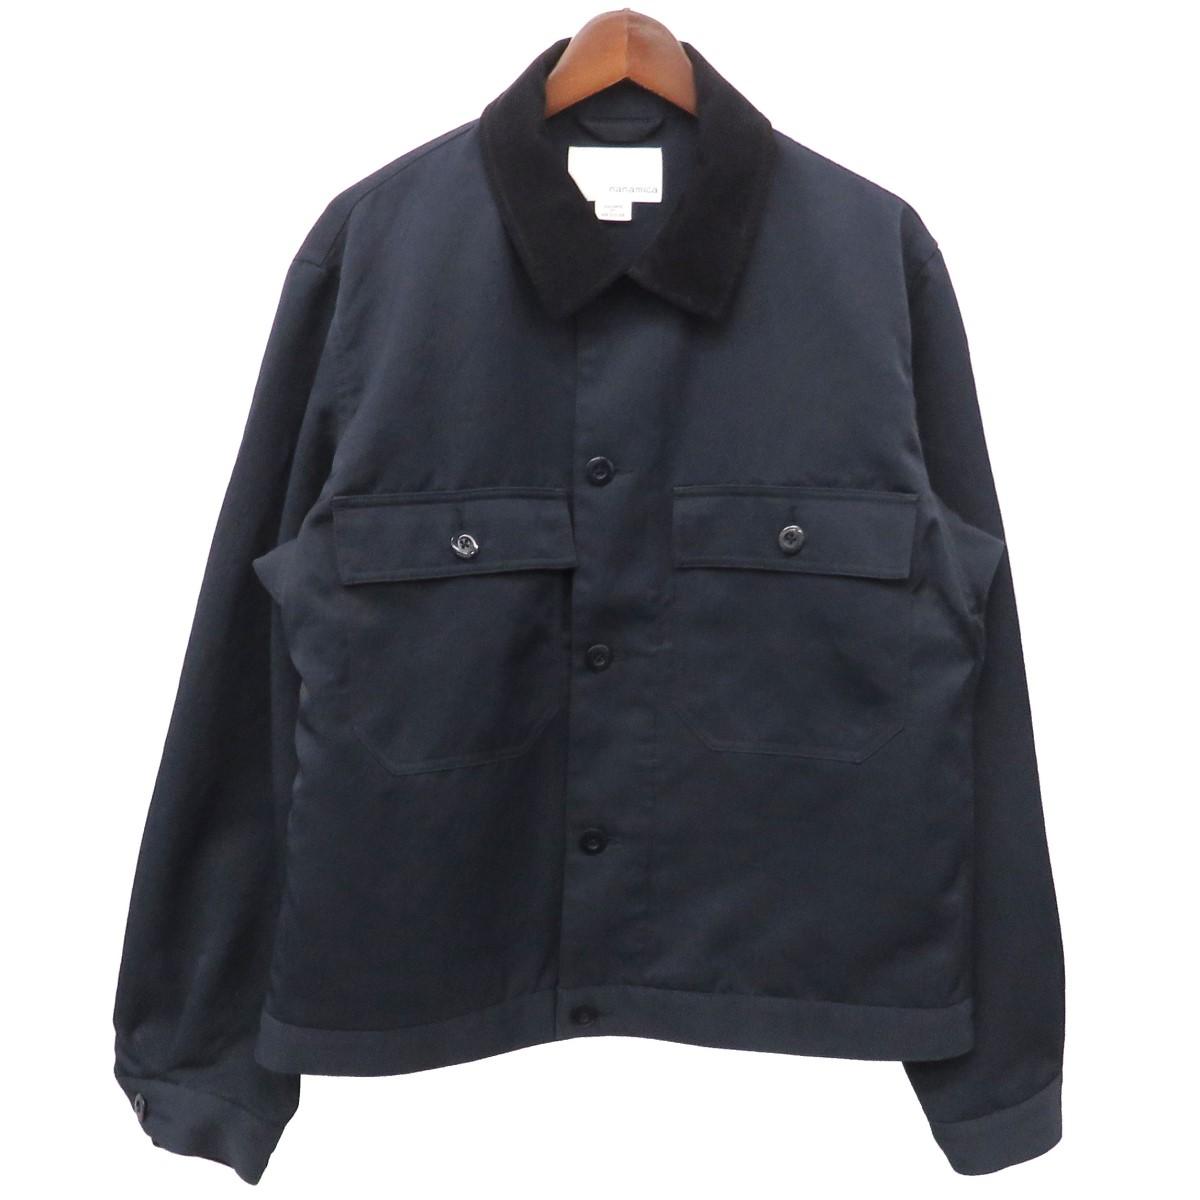 【中古】nanamica DUCK JACKET 切替ブルゾン ワイドジャケット SUAF815 ネイビー サイズ:M 【150420】(ナナミカ)